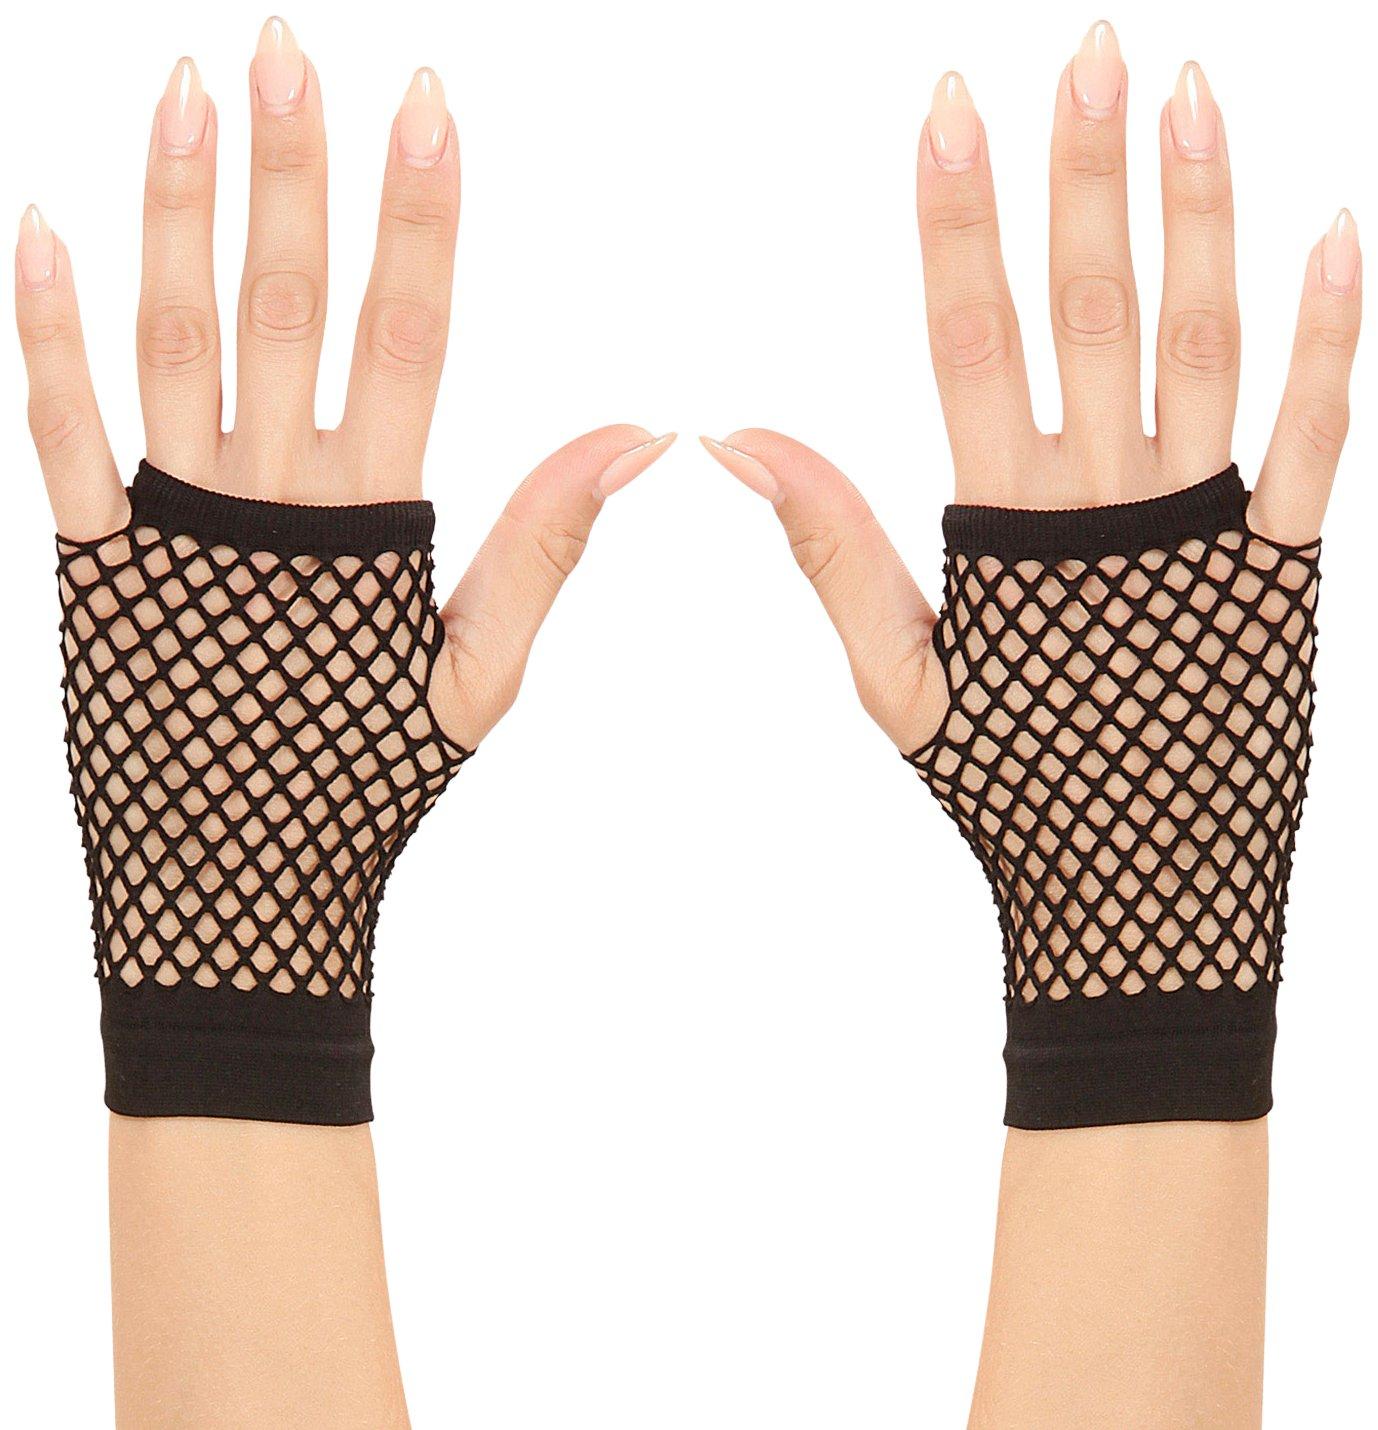 schwarz Erwachsene /Netz-Handschuhe ohne Finger Widmann 1487/K/